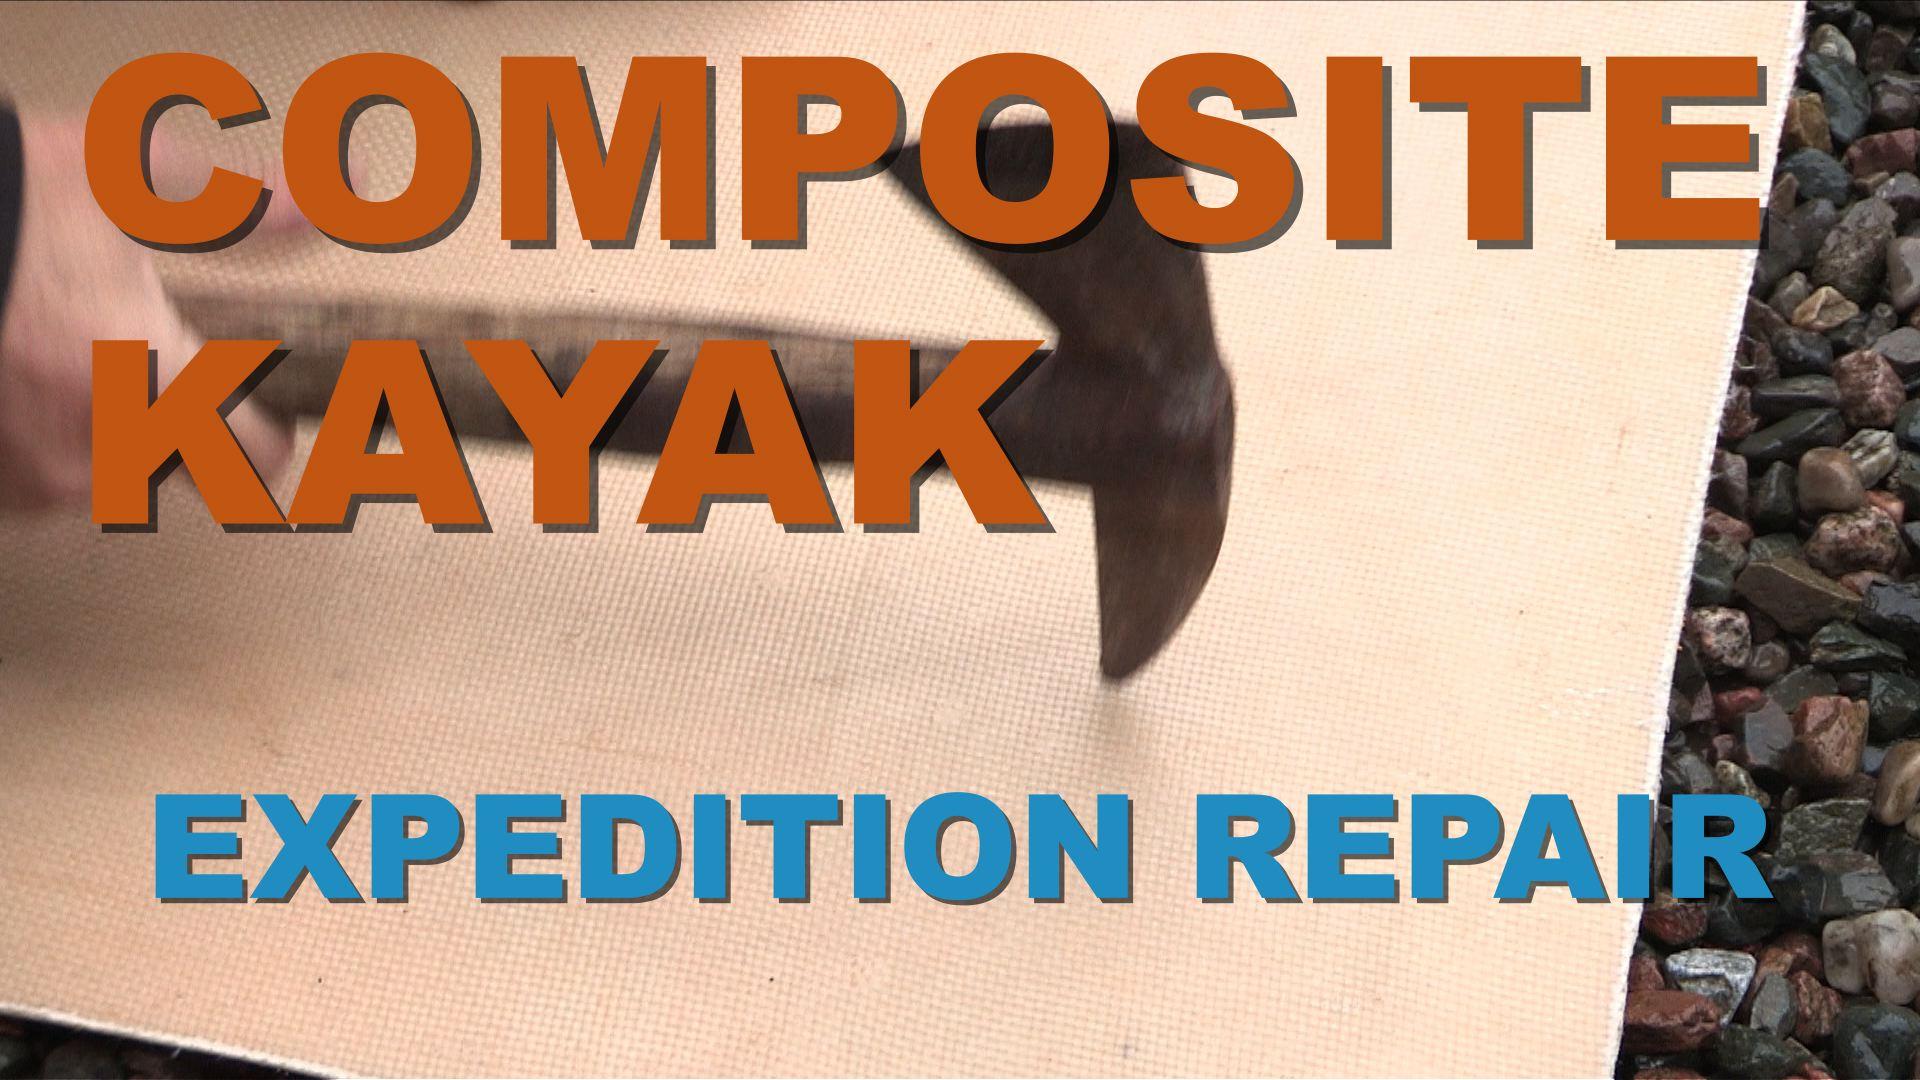 Artwork for Composite Kayak Expedition Repair